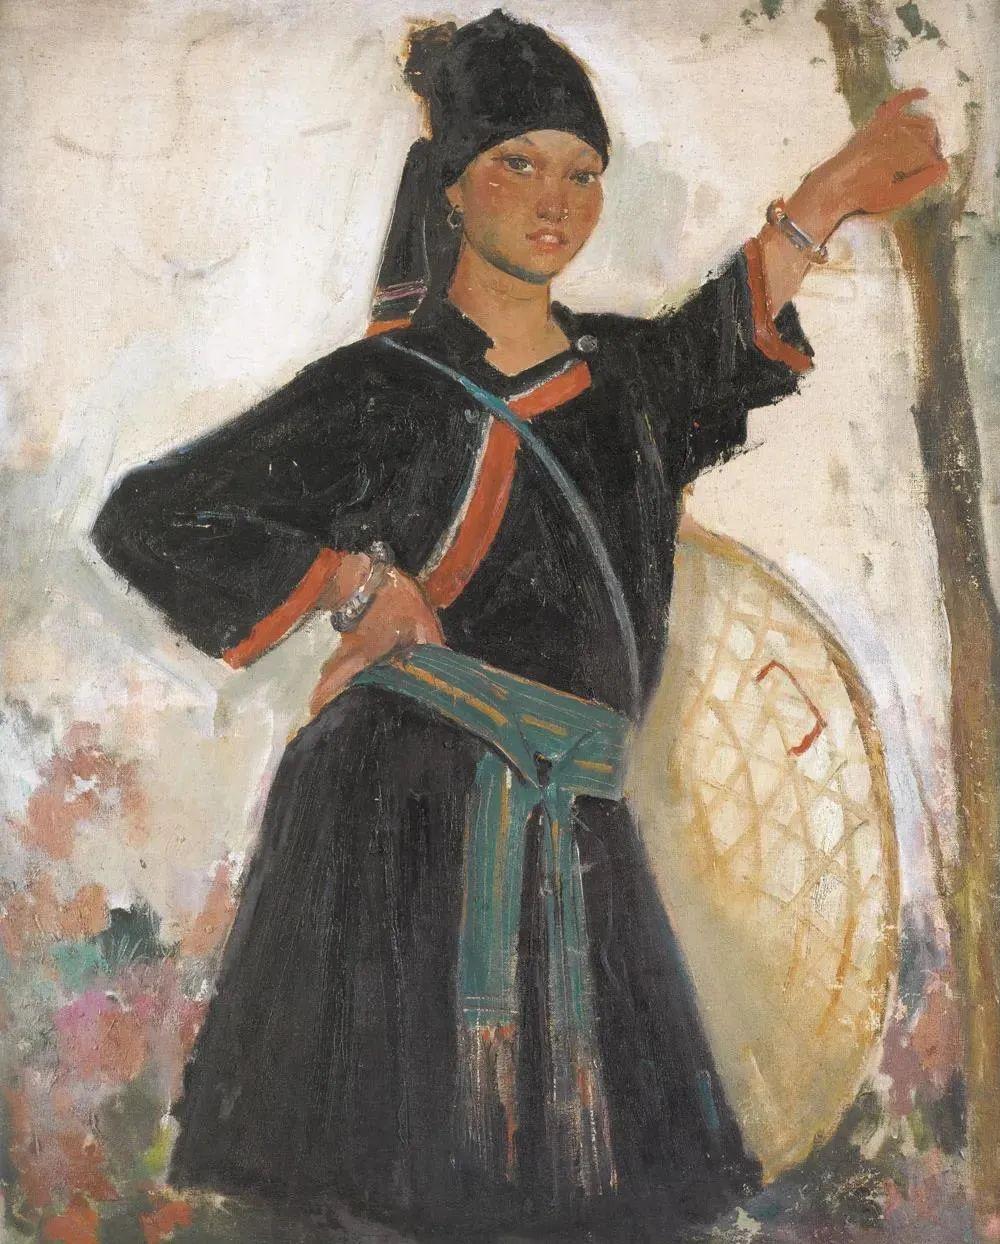 中国当代绘画艺术展作品欣赏之 苏天赐插图53